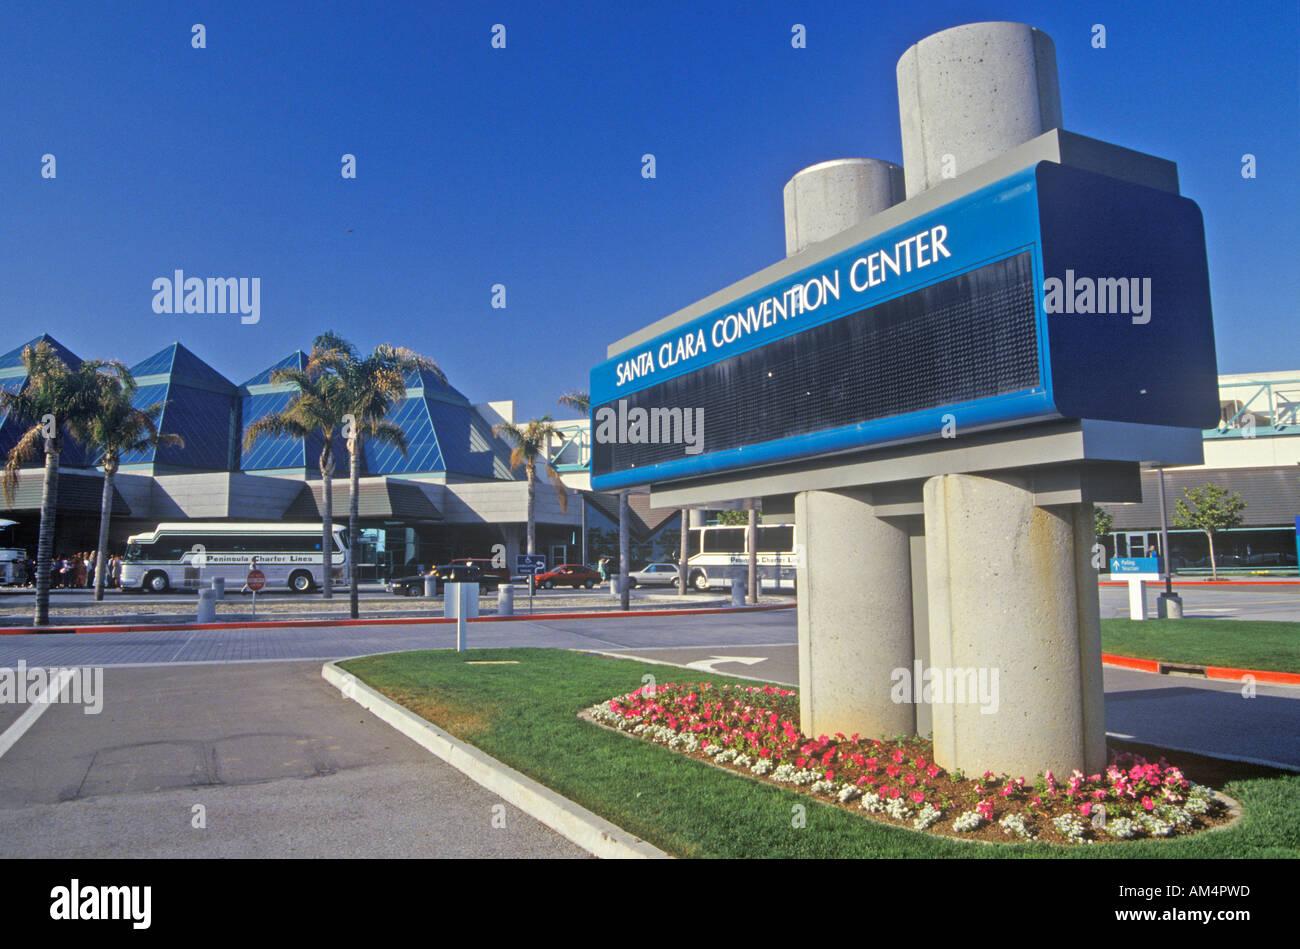 Santa Clara Convention Center in Santa Clara Silicon Valley California Stock Photo